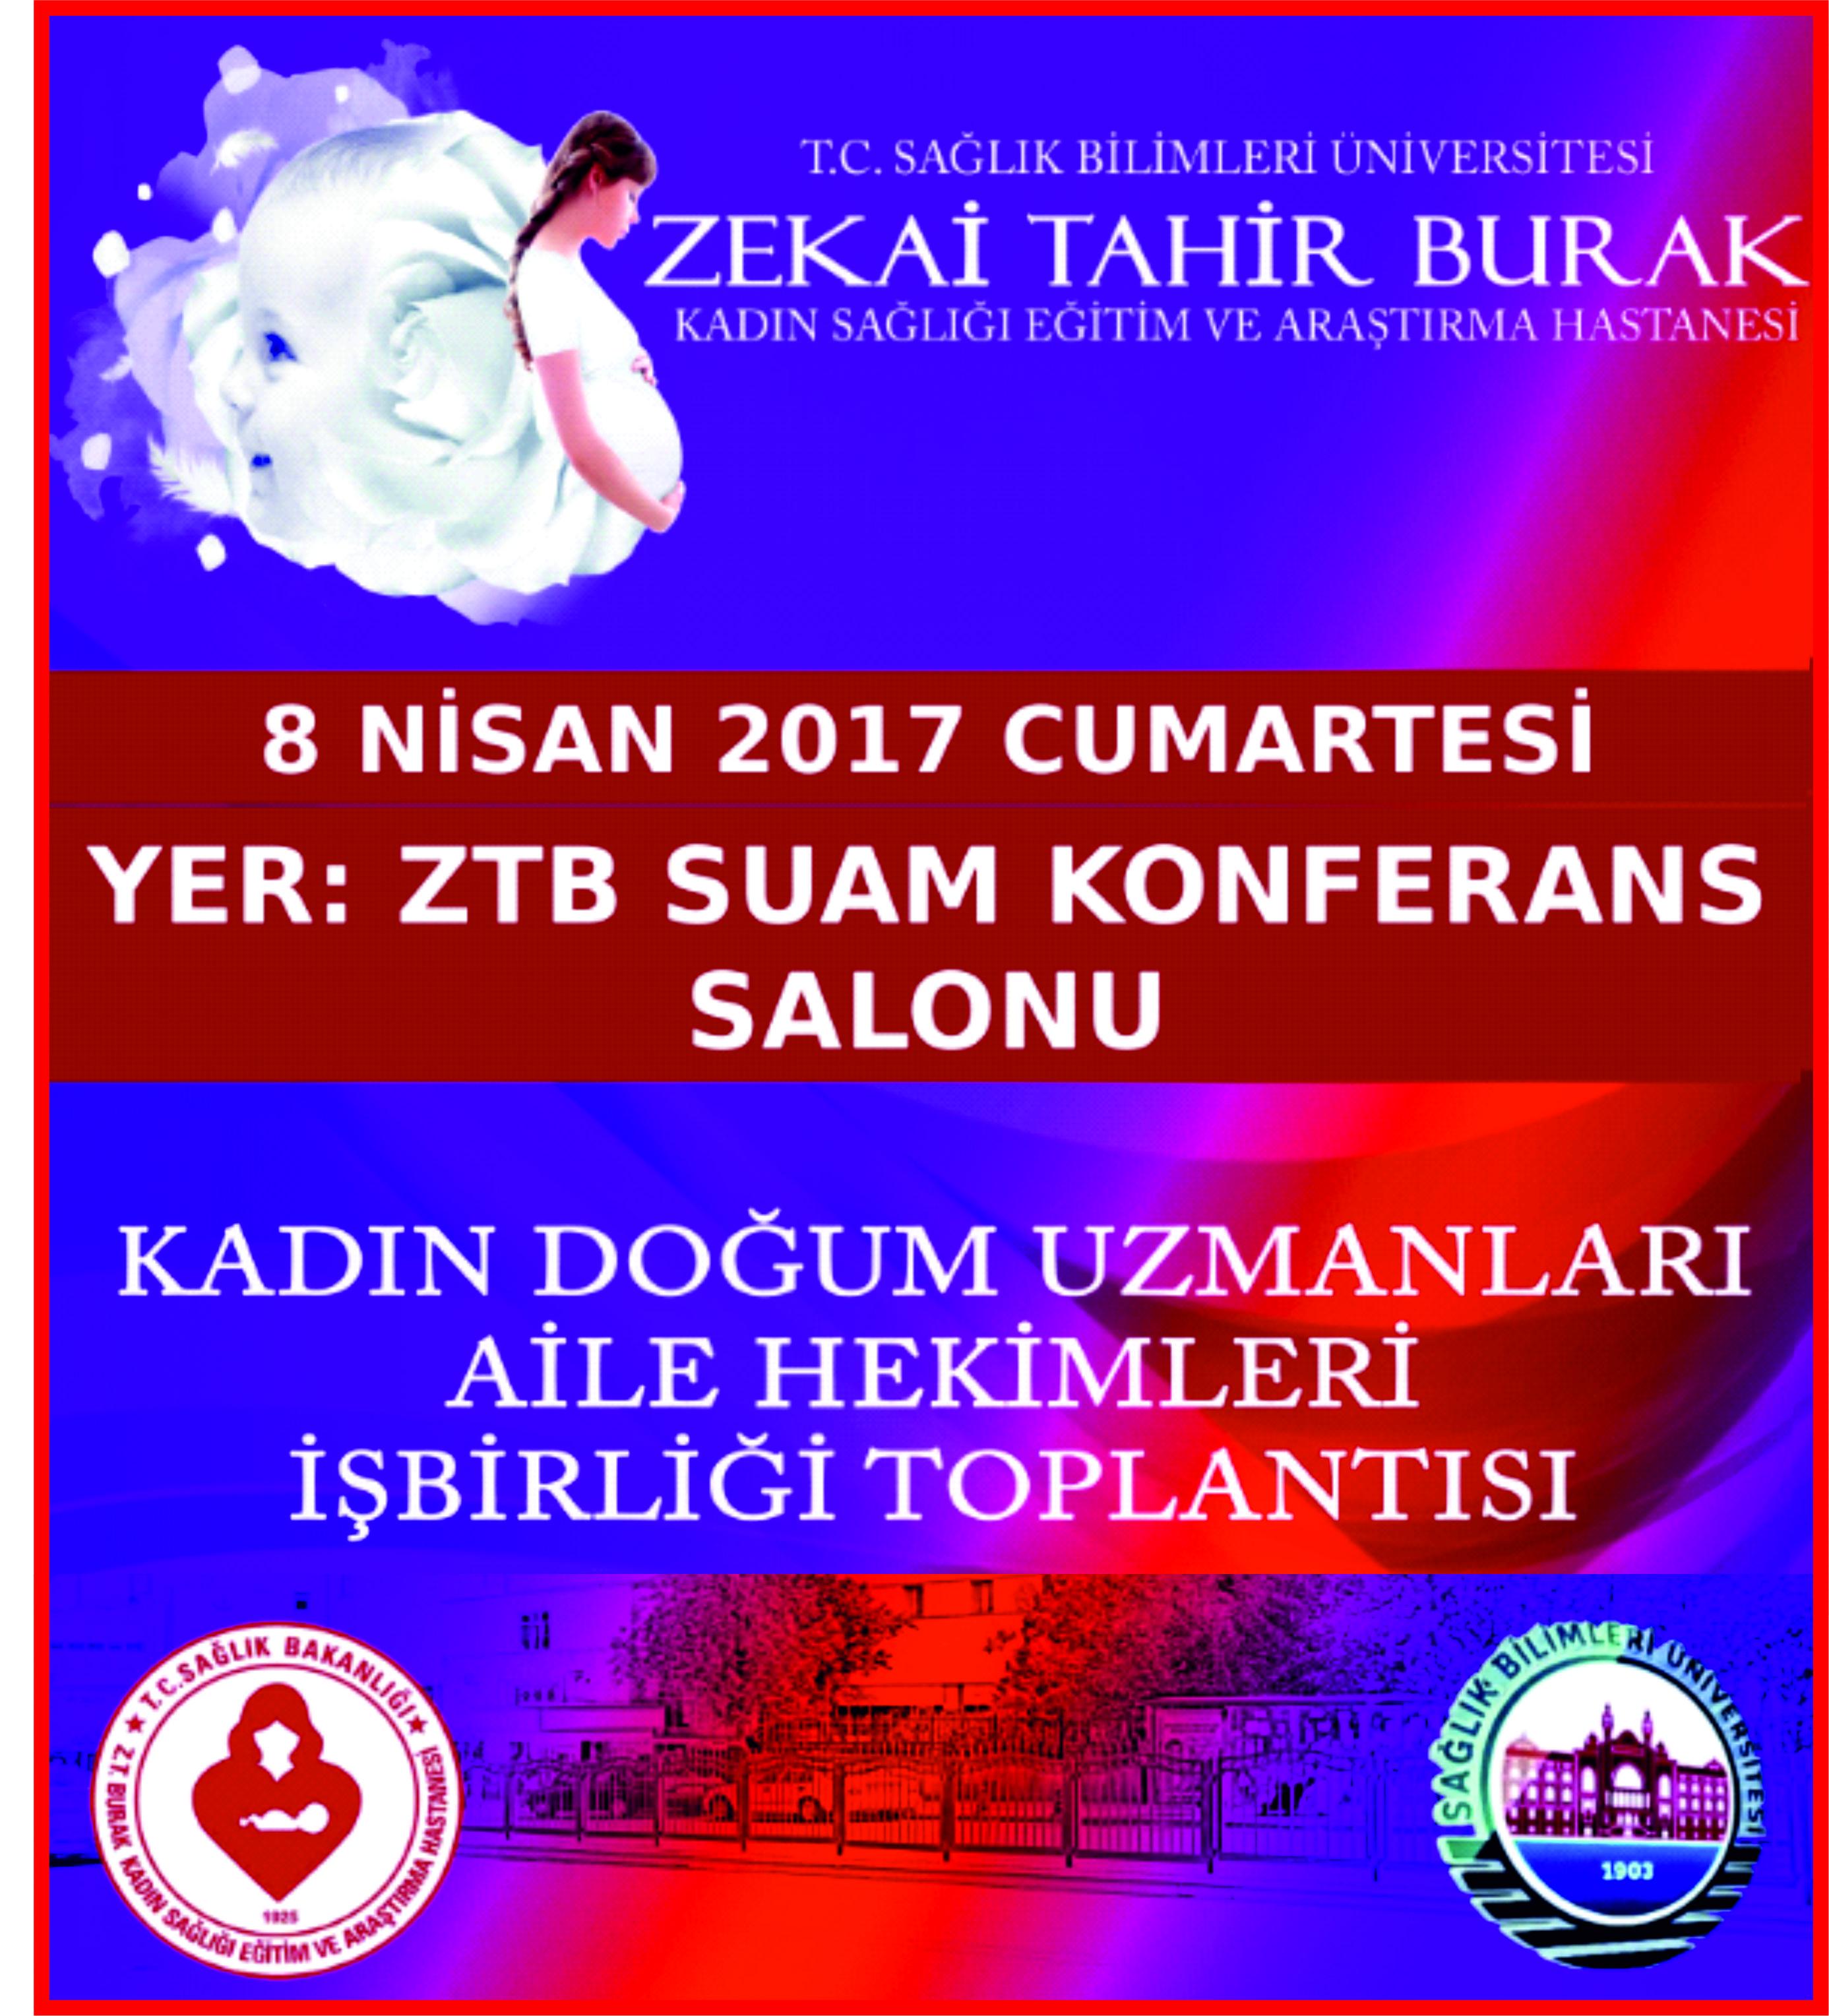 KAMU HASTANELERİ KURUMU'NDAN BİR İLK...